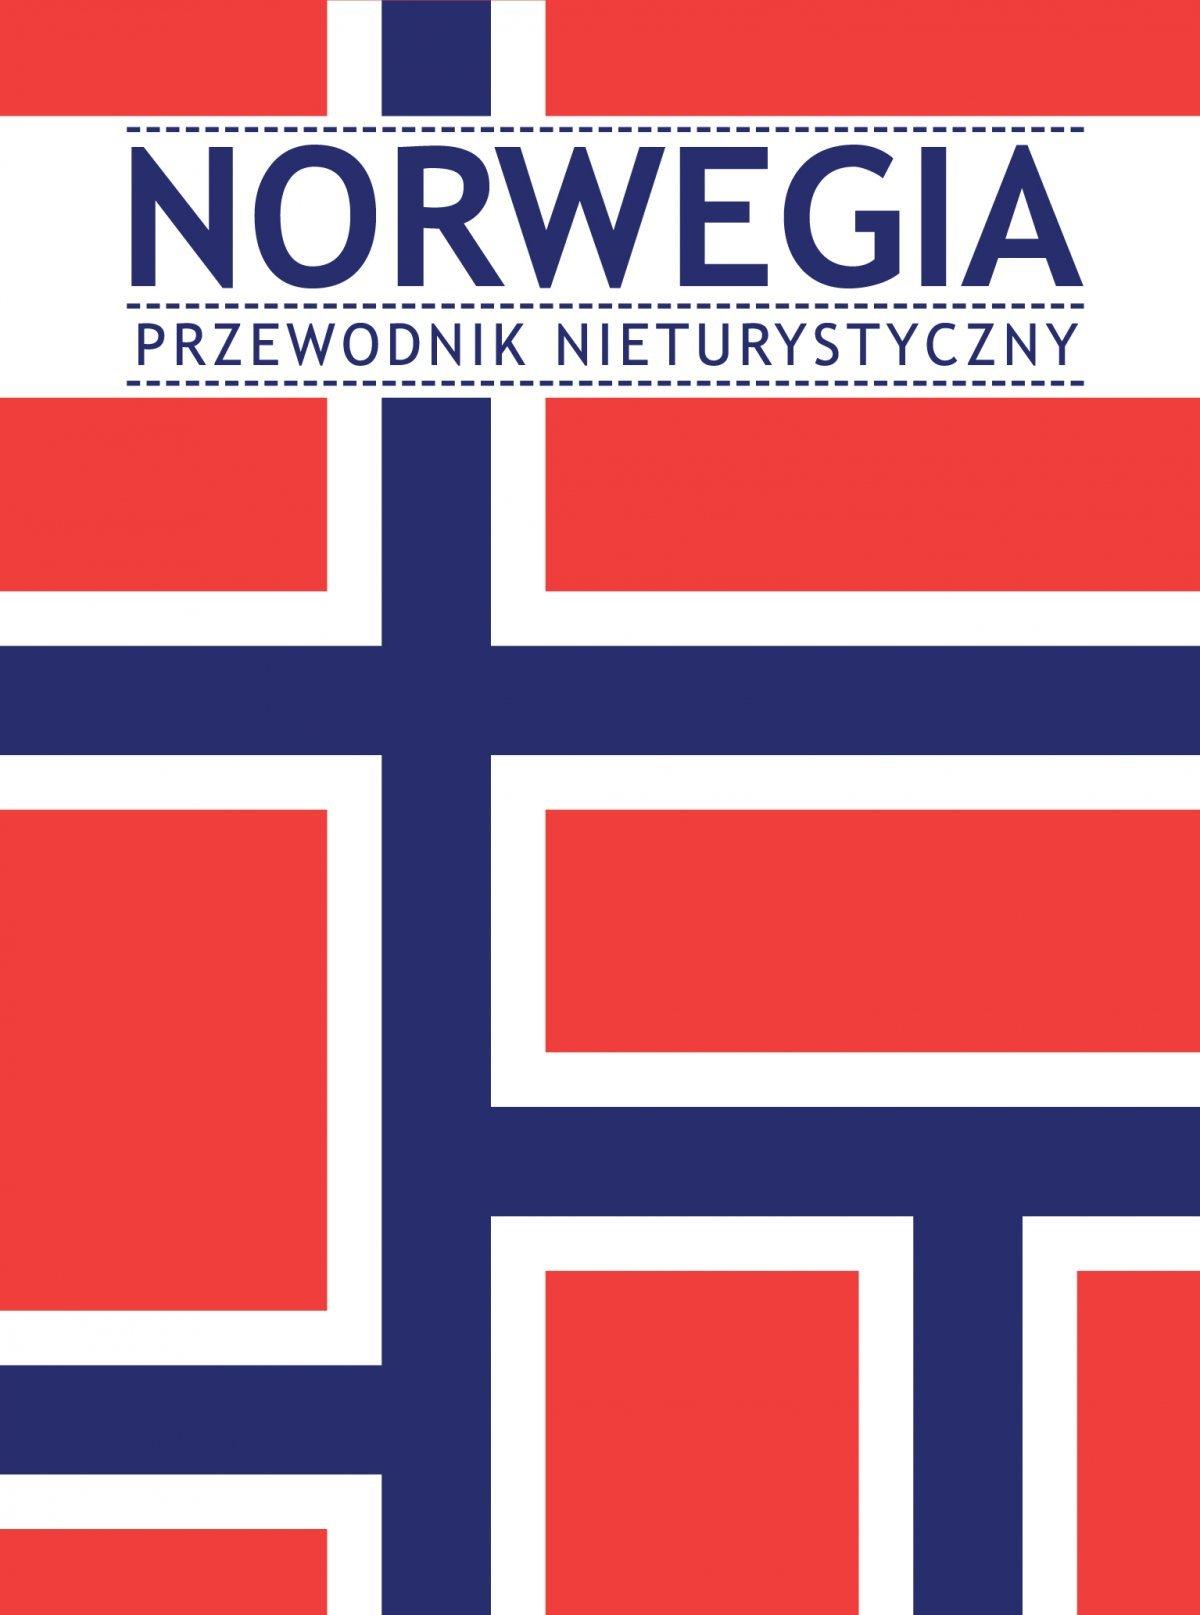 Norwegia. Przewodnik nieturystyczny - Ebook (Książka na Kindle) do pobrania w formacie MOBI